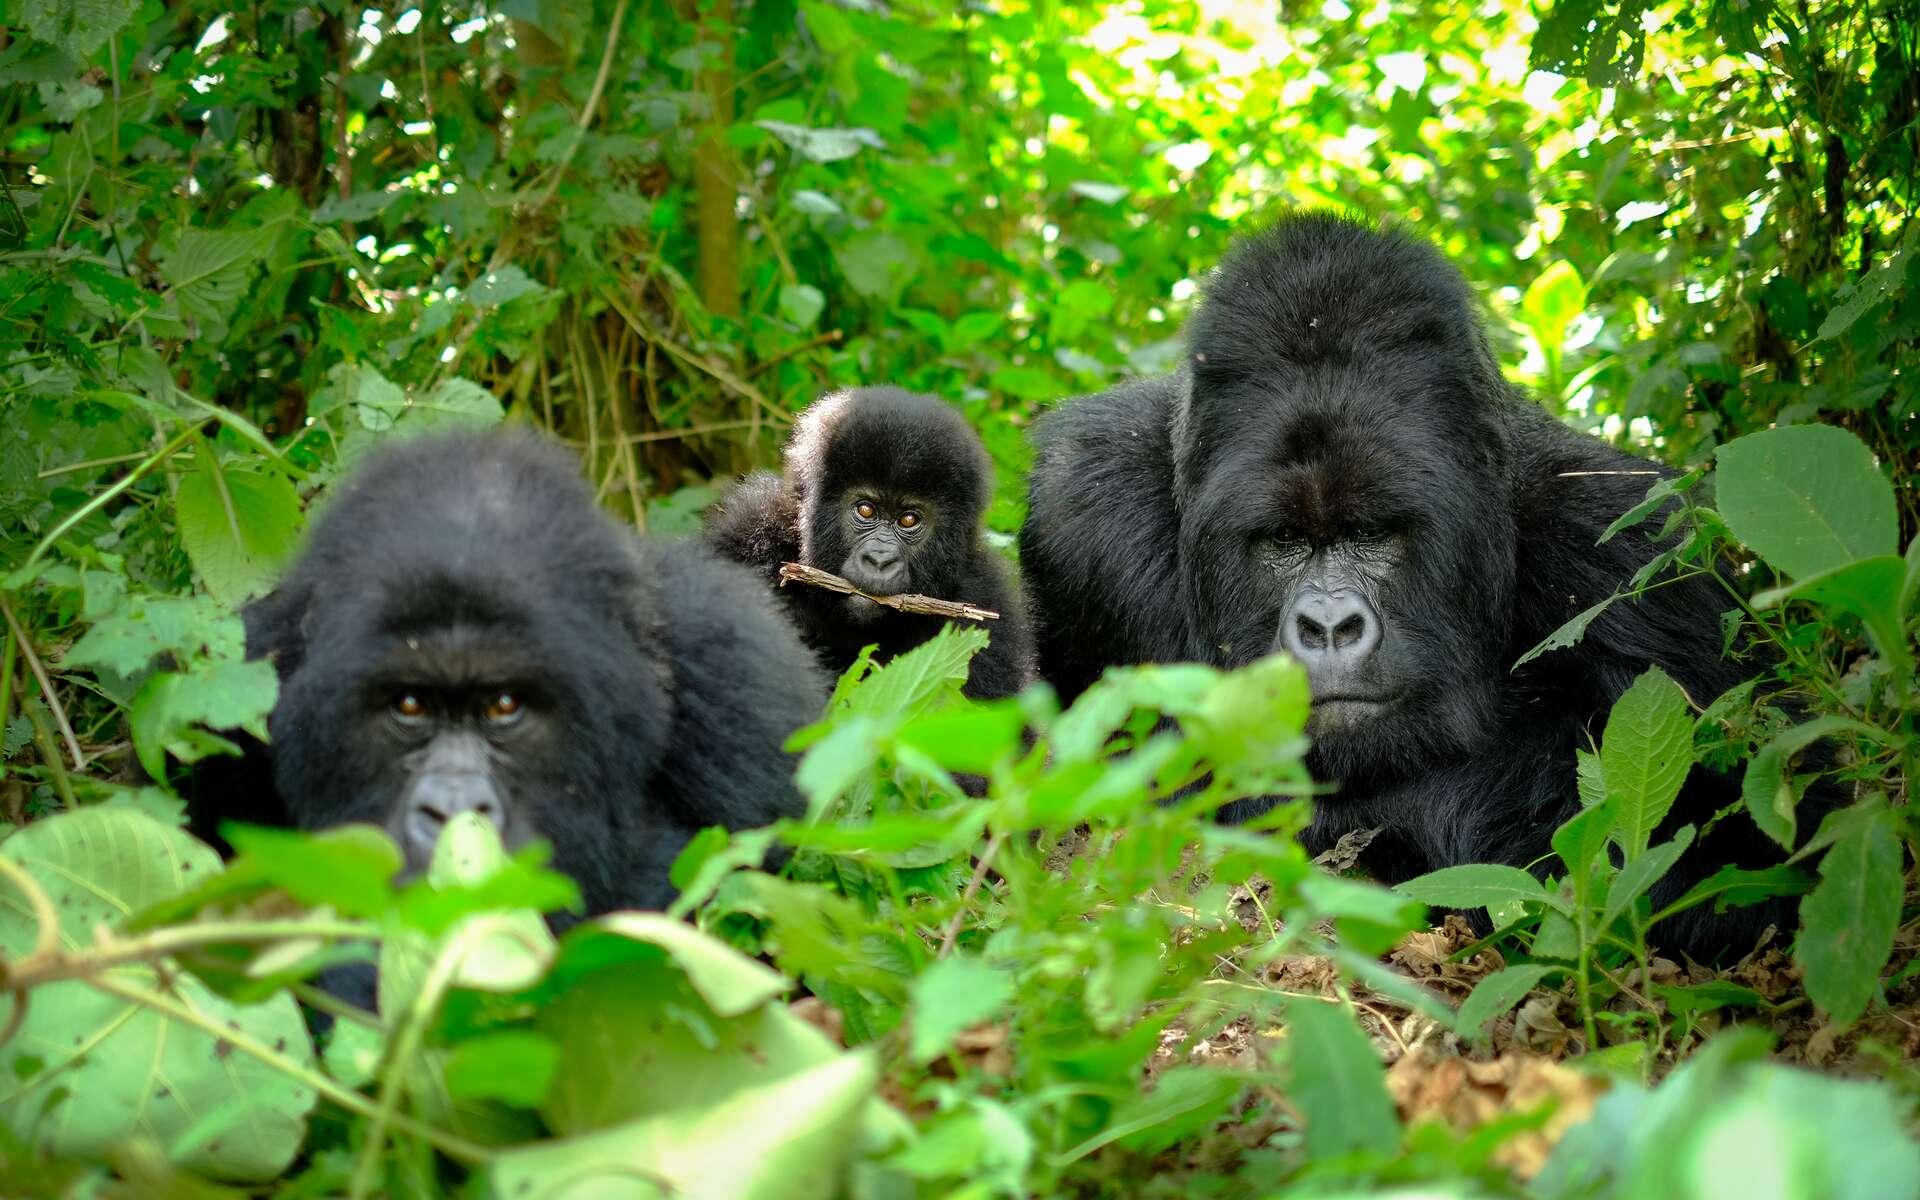 Une famille de gorilles au Rwanda. © Marian, Adobe Stock